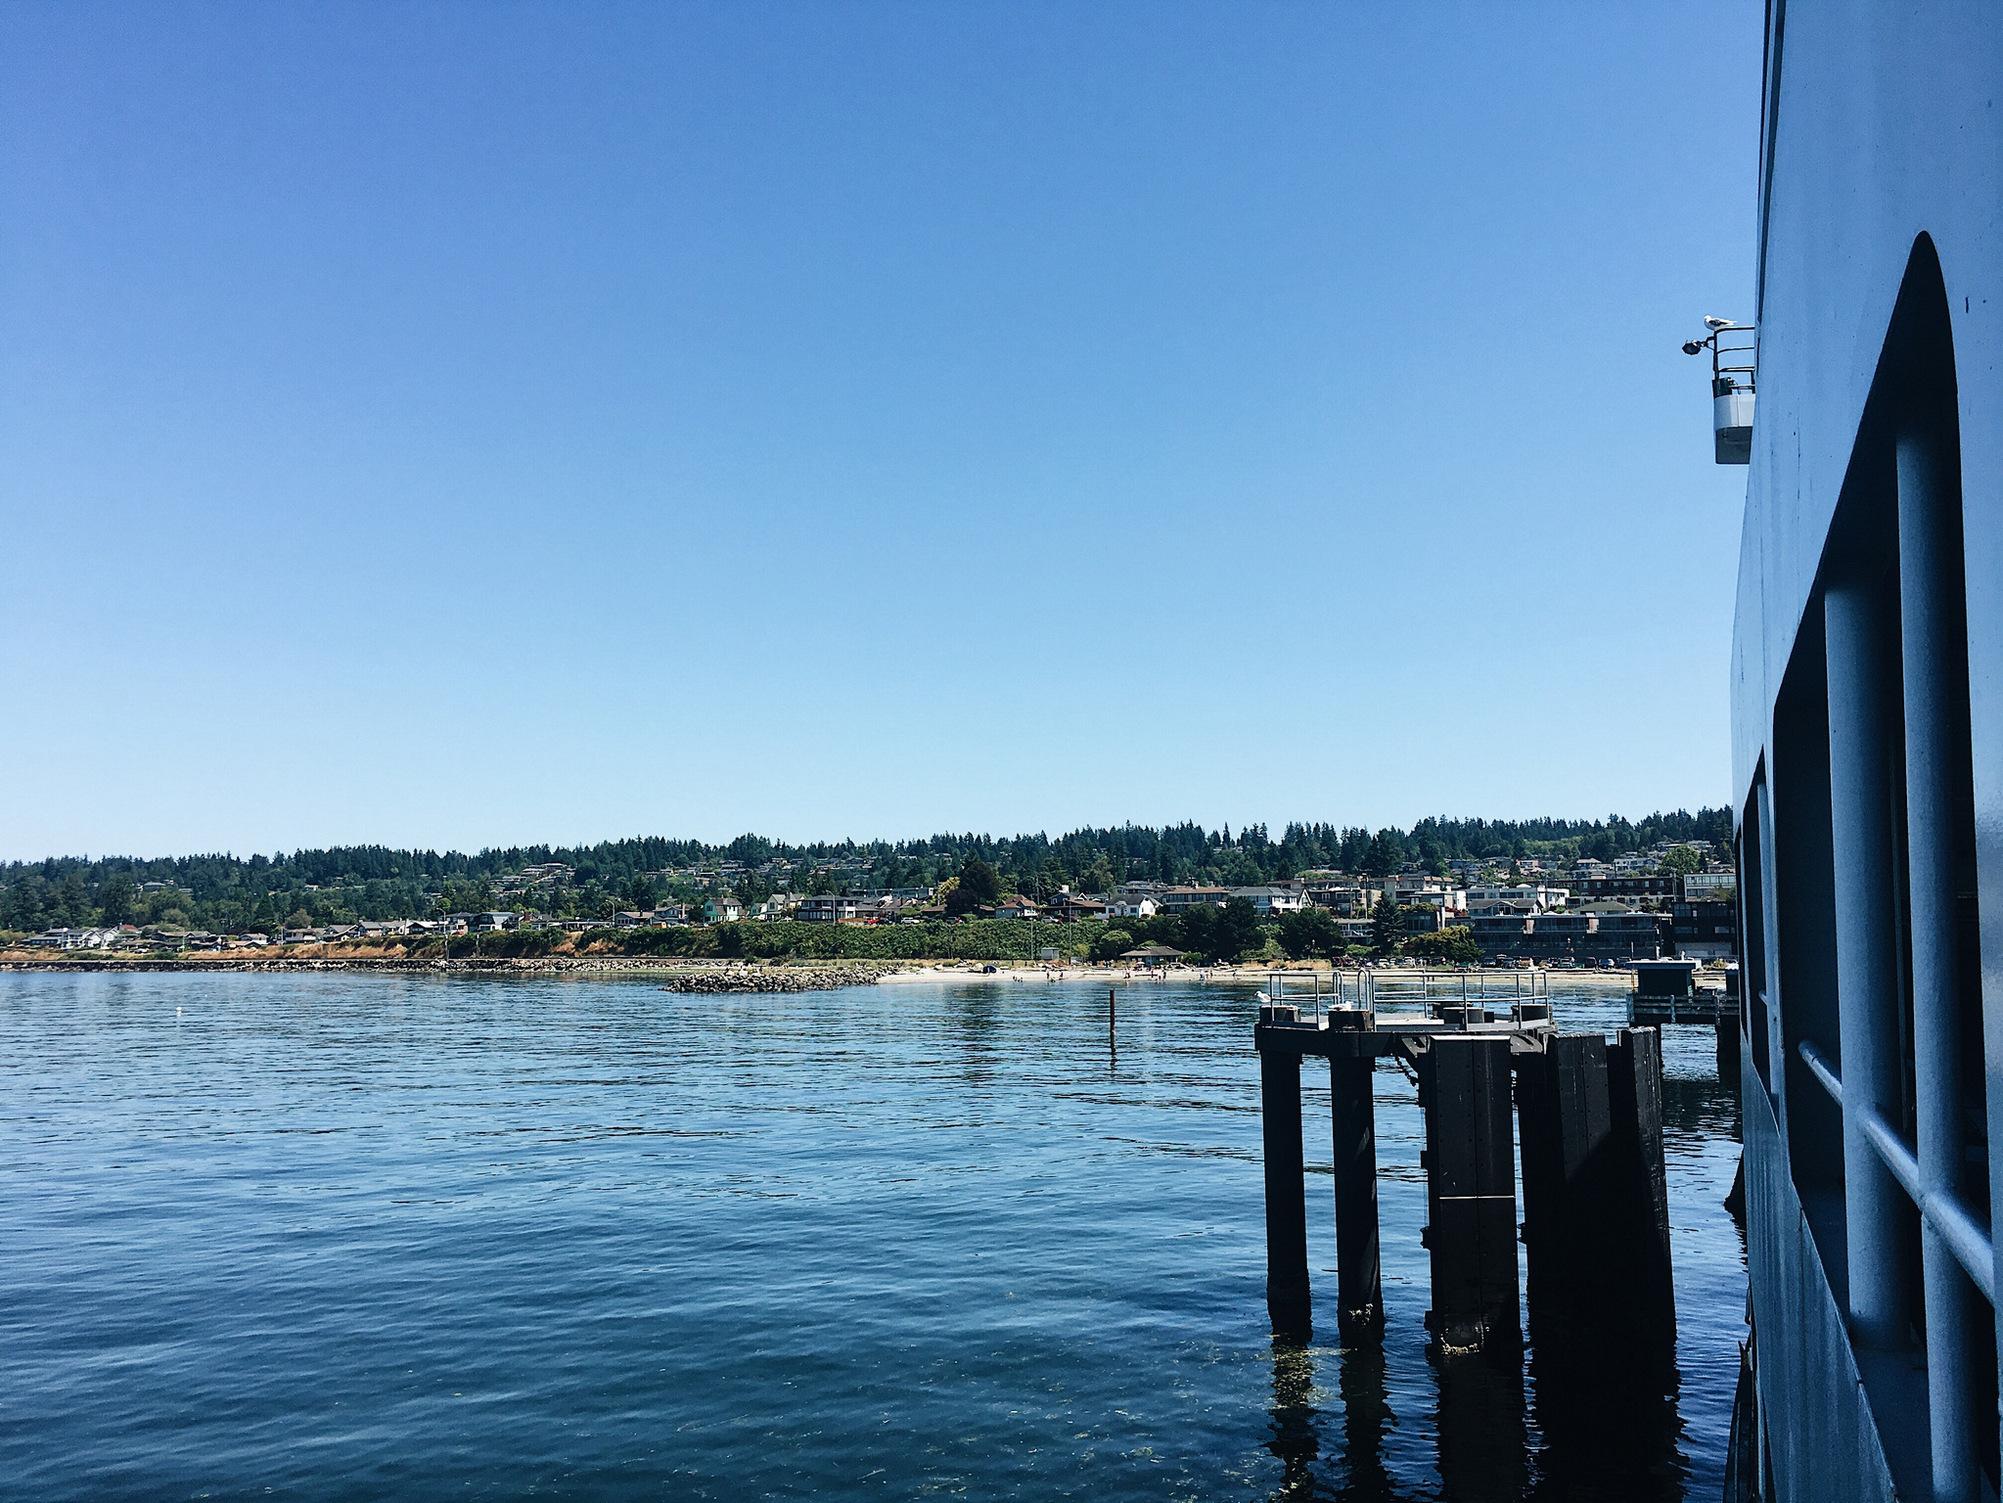 seattle edmonds ferry